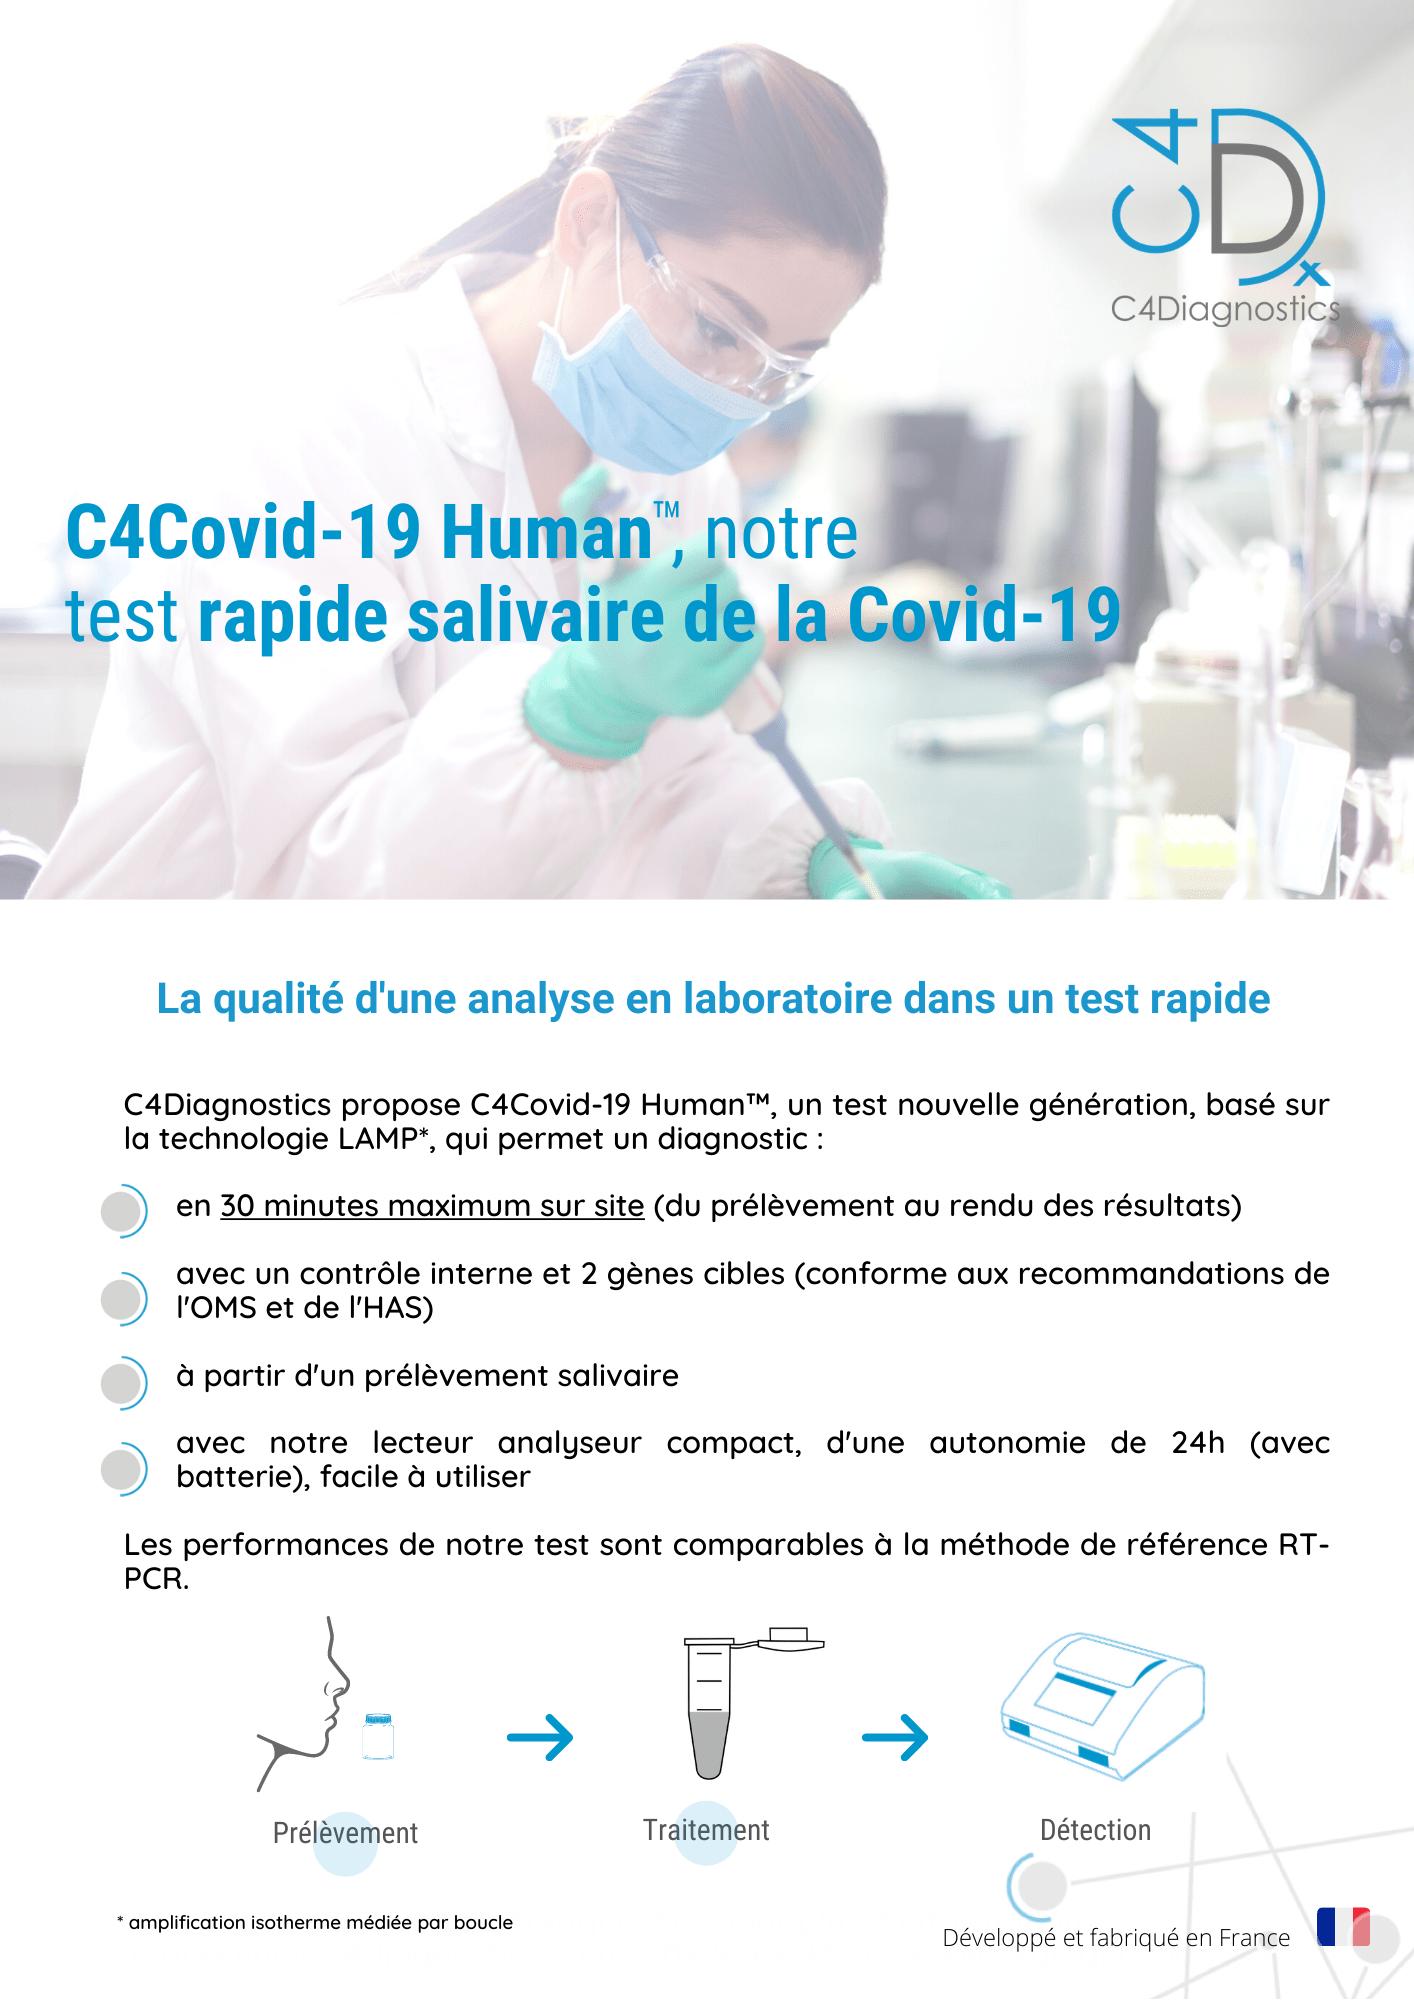 C4 COVID-19 Human, test diagnostique salivaire